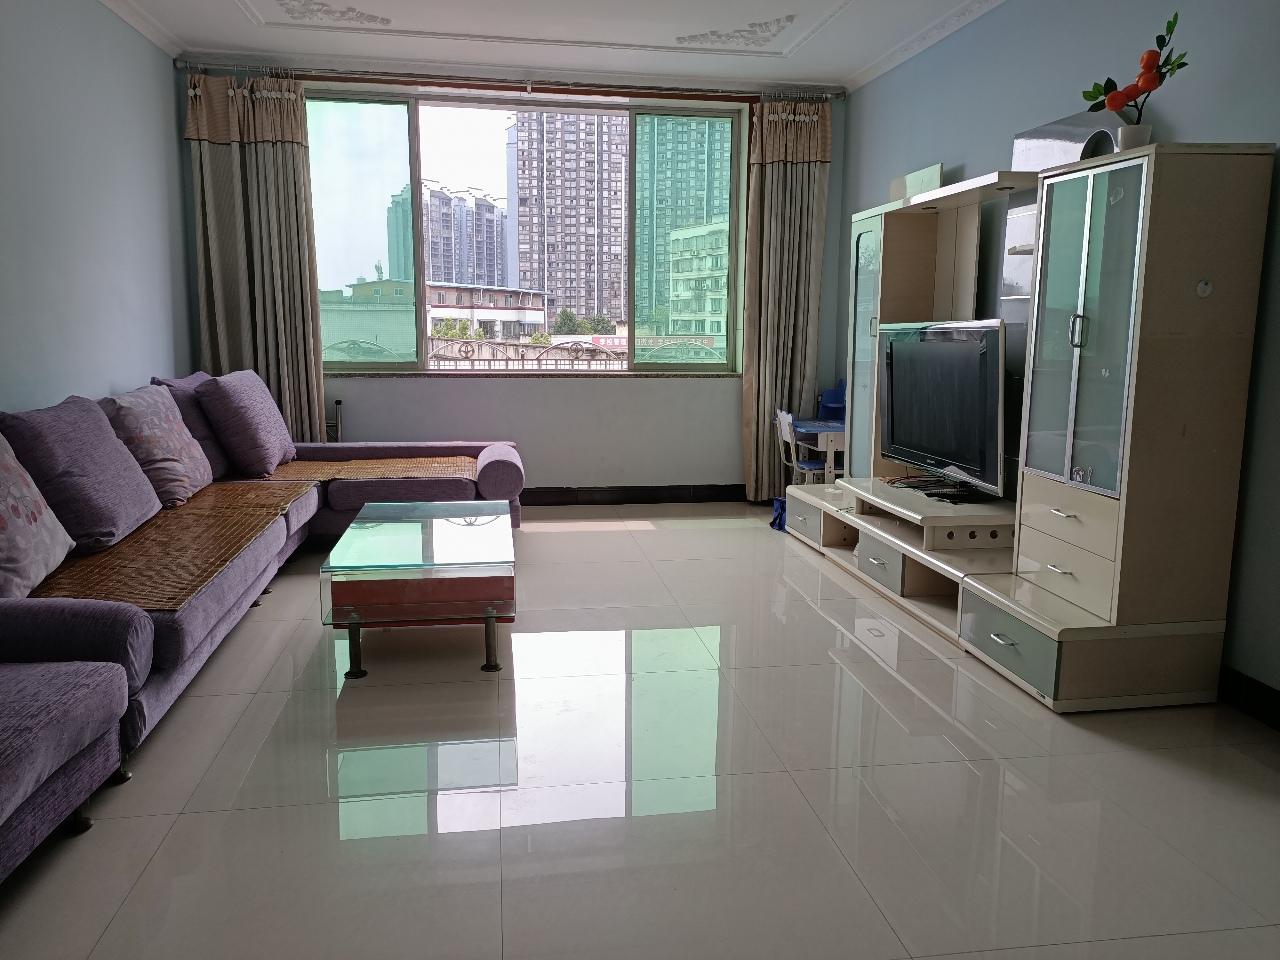 医药公司宿舍新房3室 2厅 2卫42.8万元